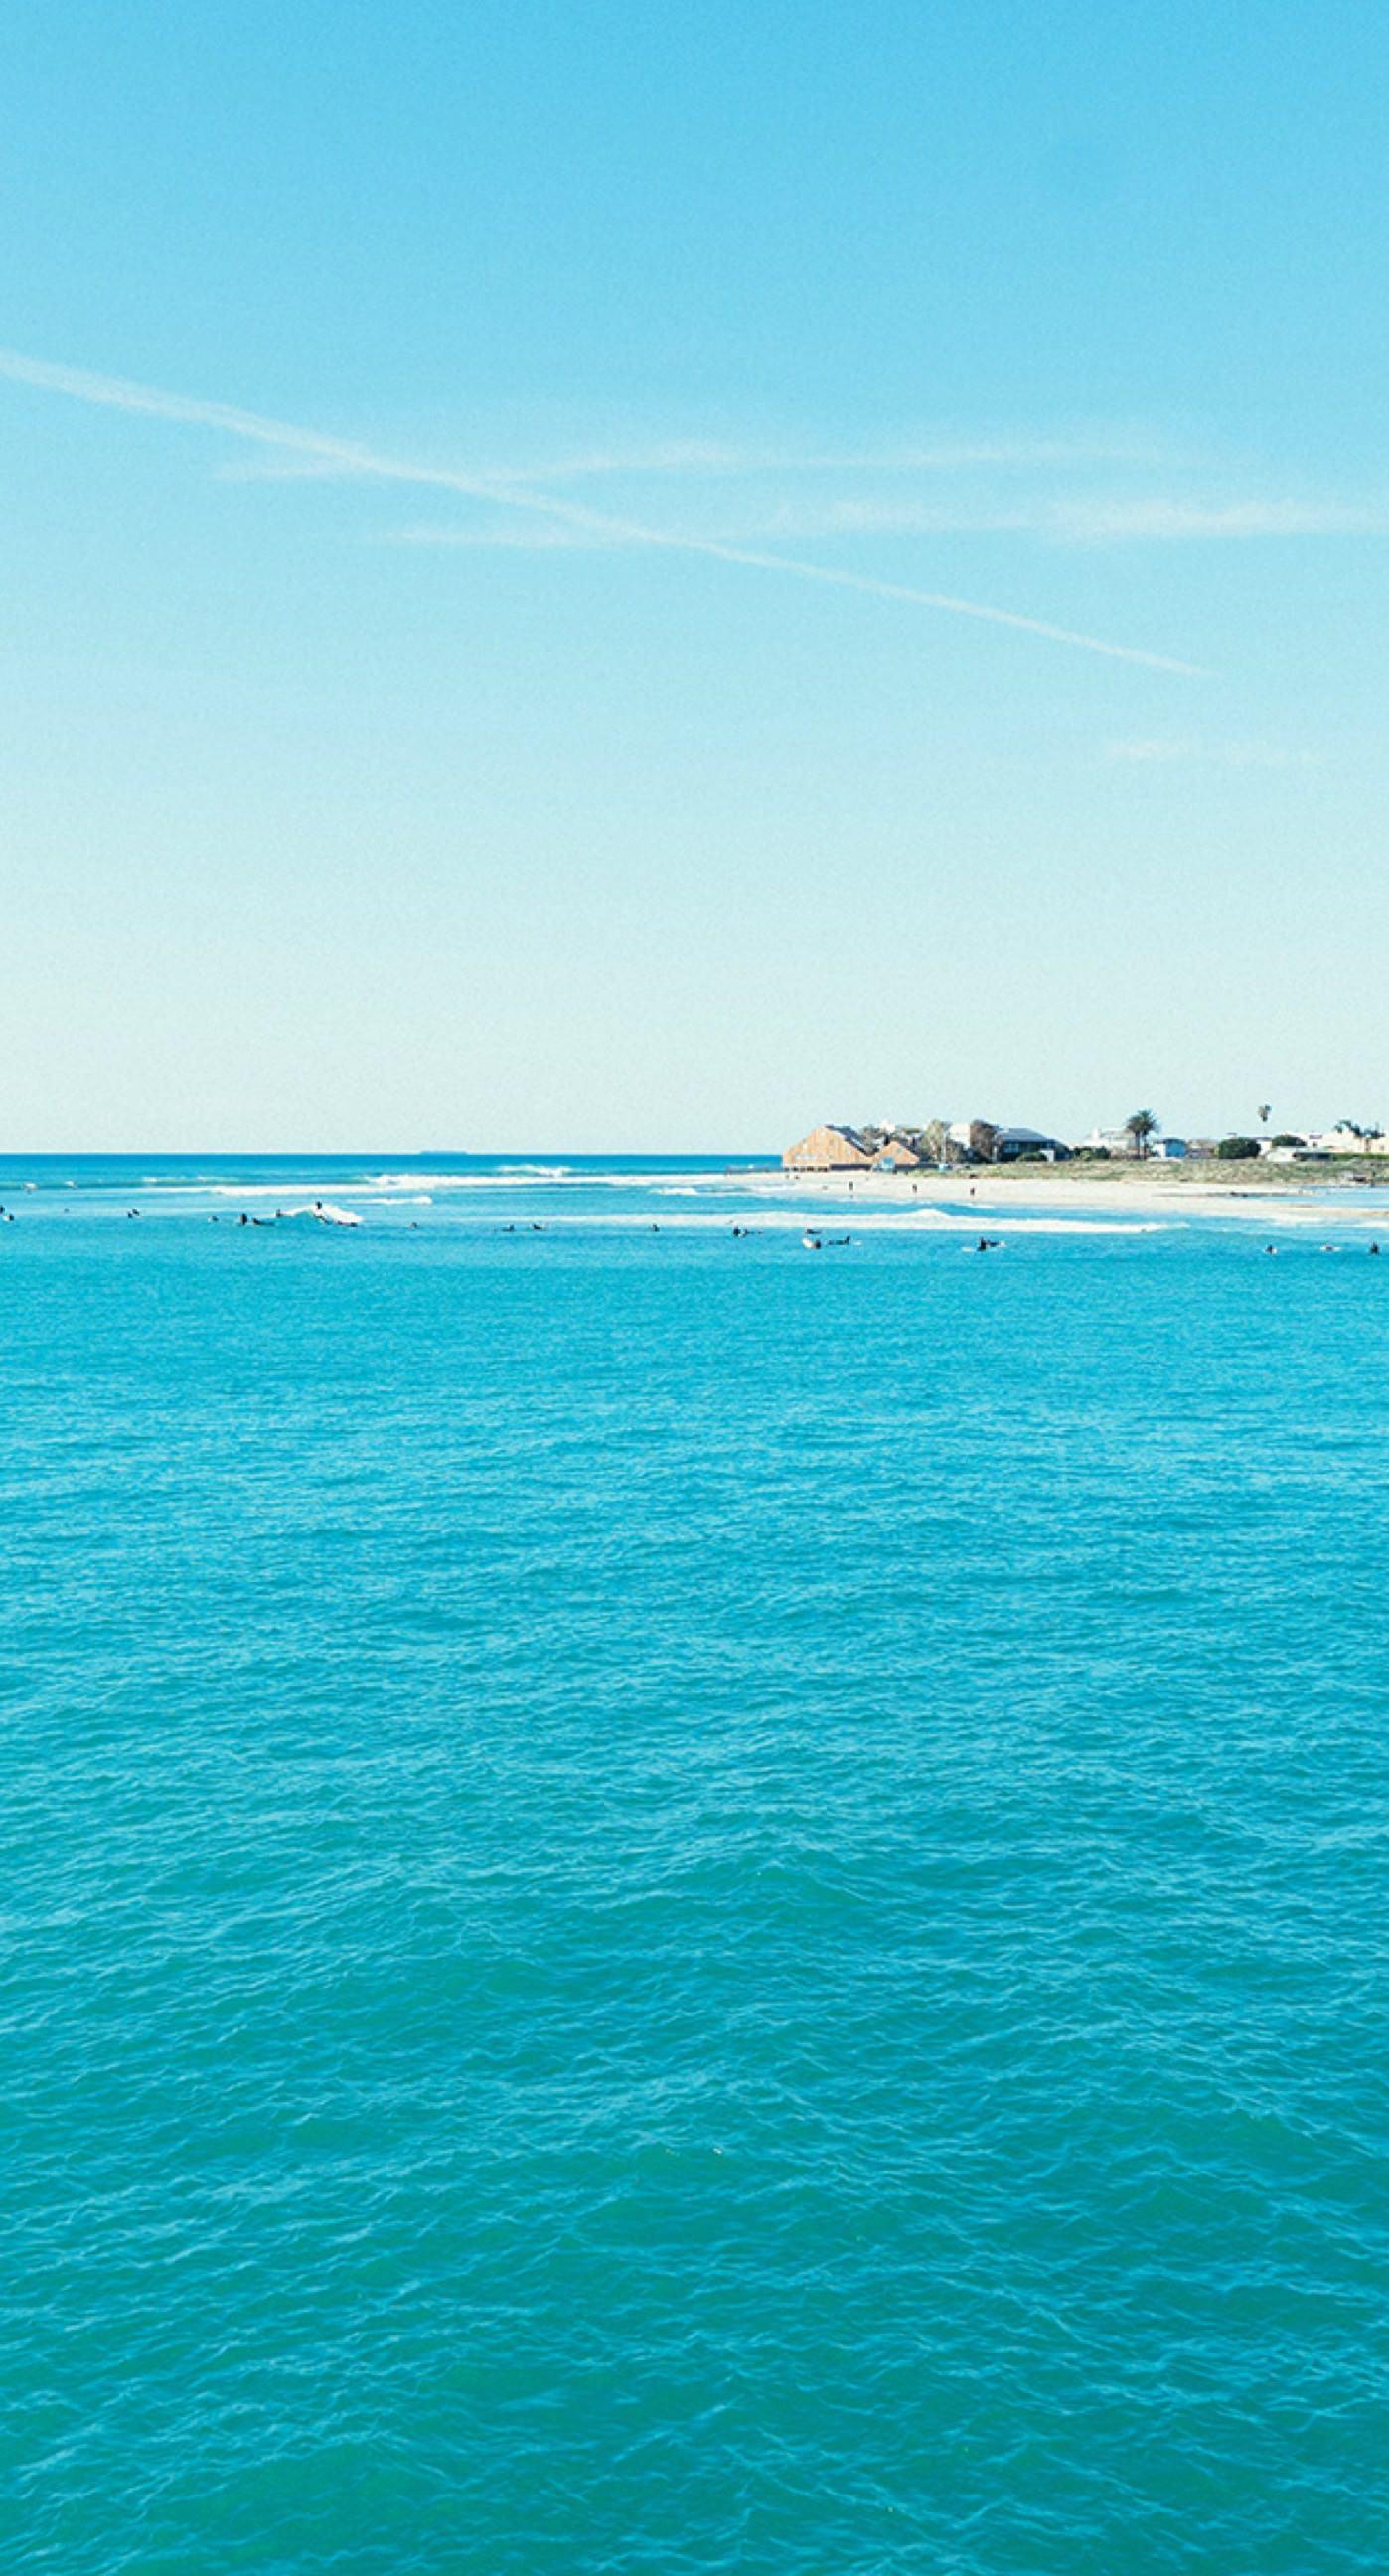 pemandangan laut langit biru  wallpaper.sc iPhone8Plus